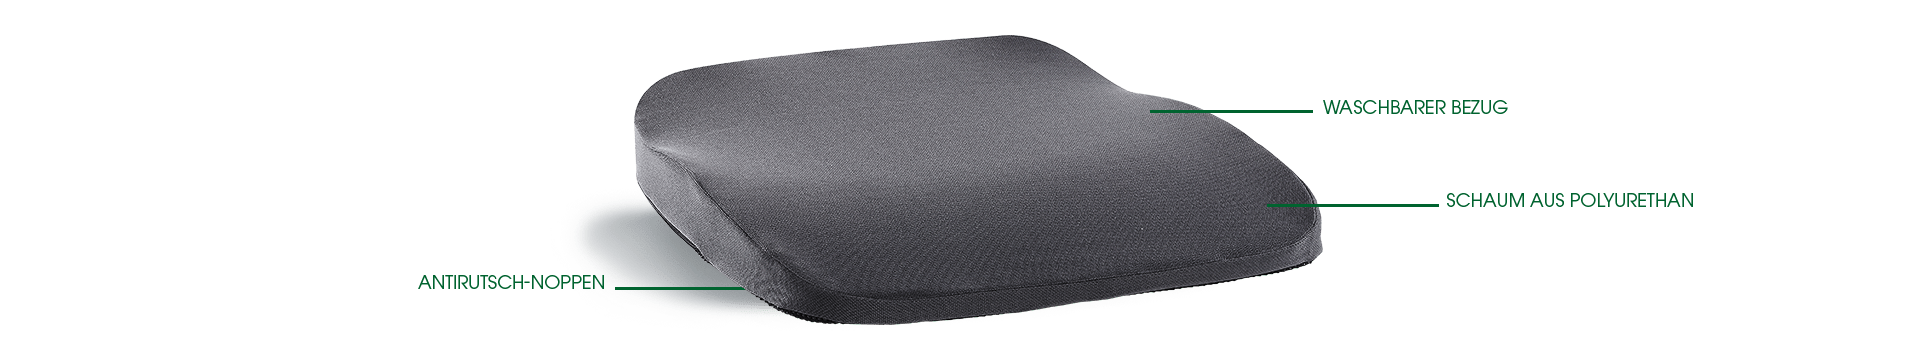 orthopaedisches Sitzkissen hueftkissen auto bus flugzeug grau beschreibung